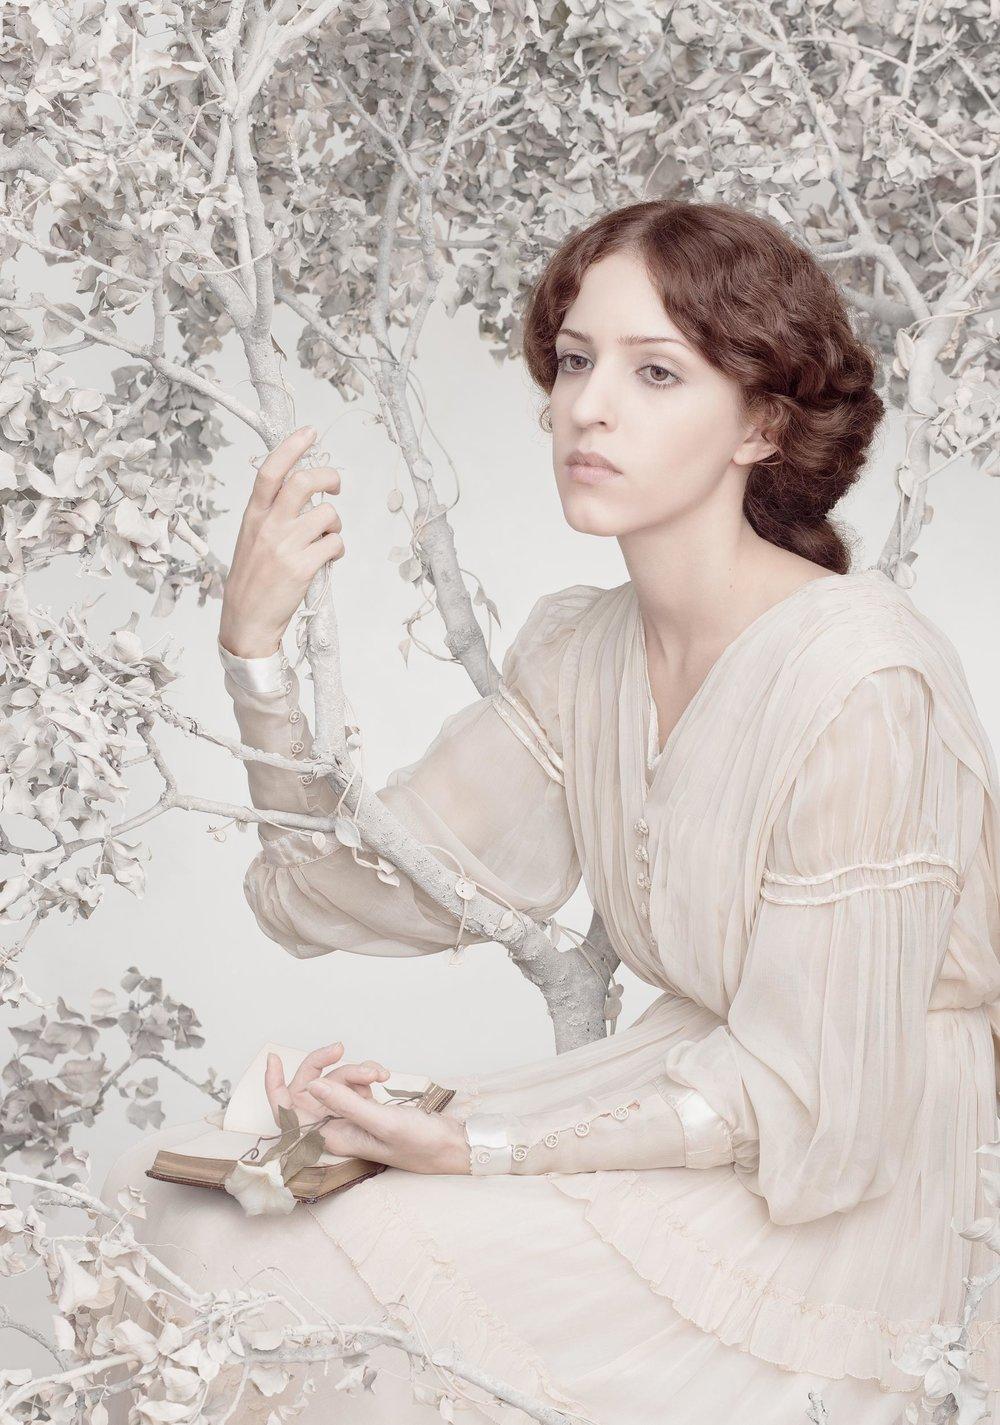 """Daydream<em>, 2012 <p>after """"The Day Dream"""", Dante Gabriel Rossetti, 1880</em>"""